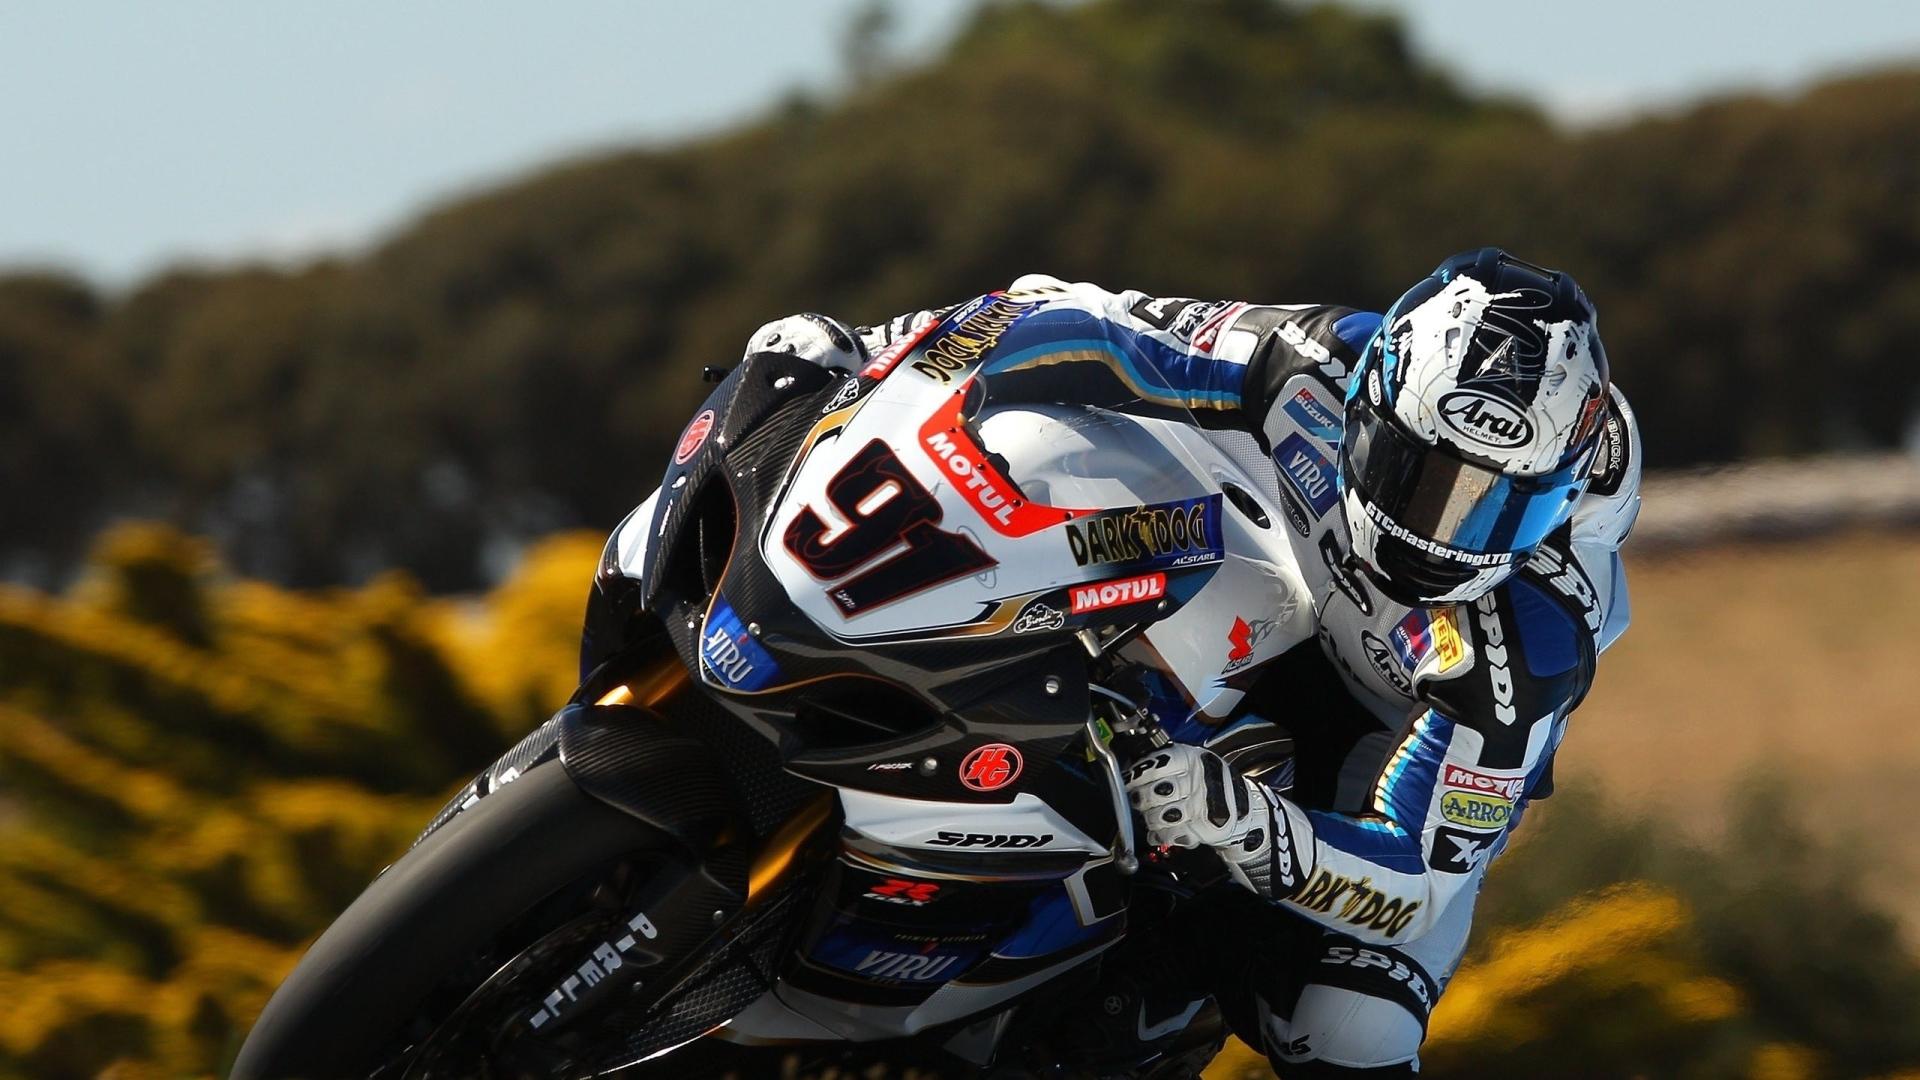 гонки на мотоциклах скорость #10